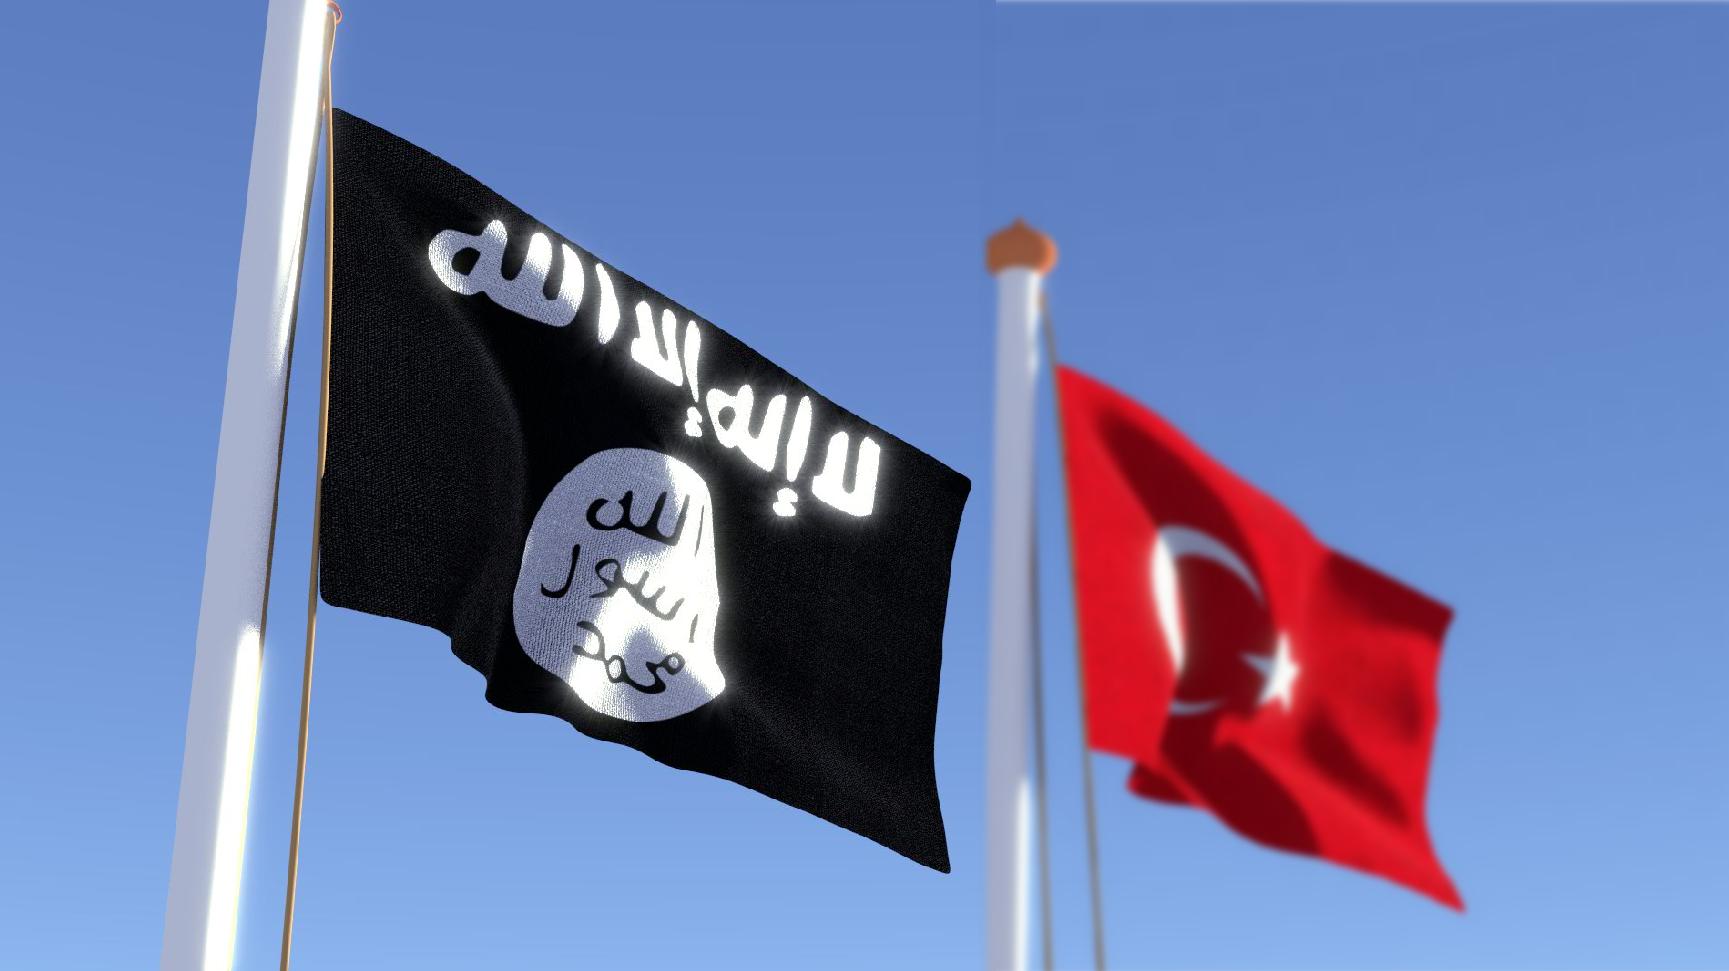 Türkiye IŞİD'e müdahale hazırlığında mı?